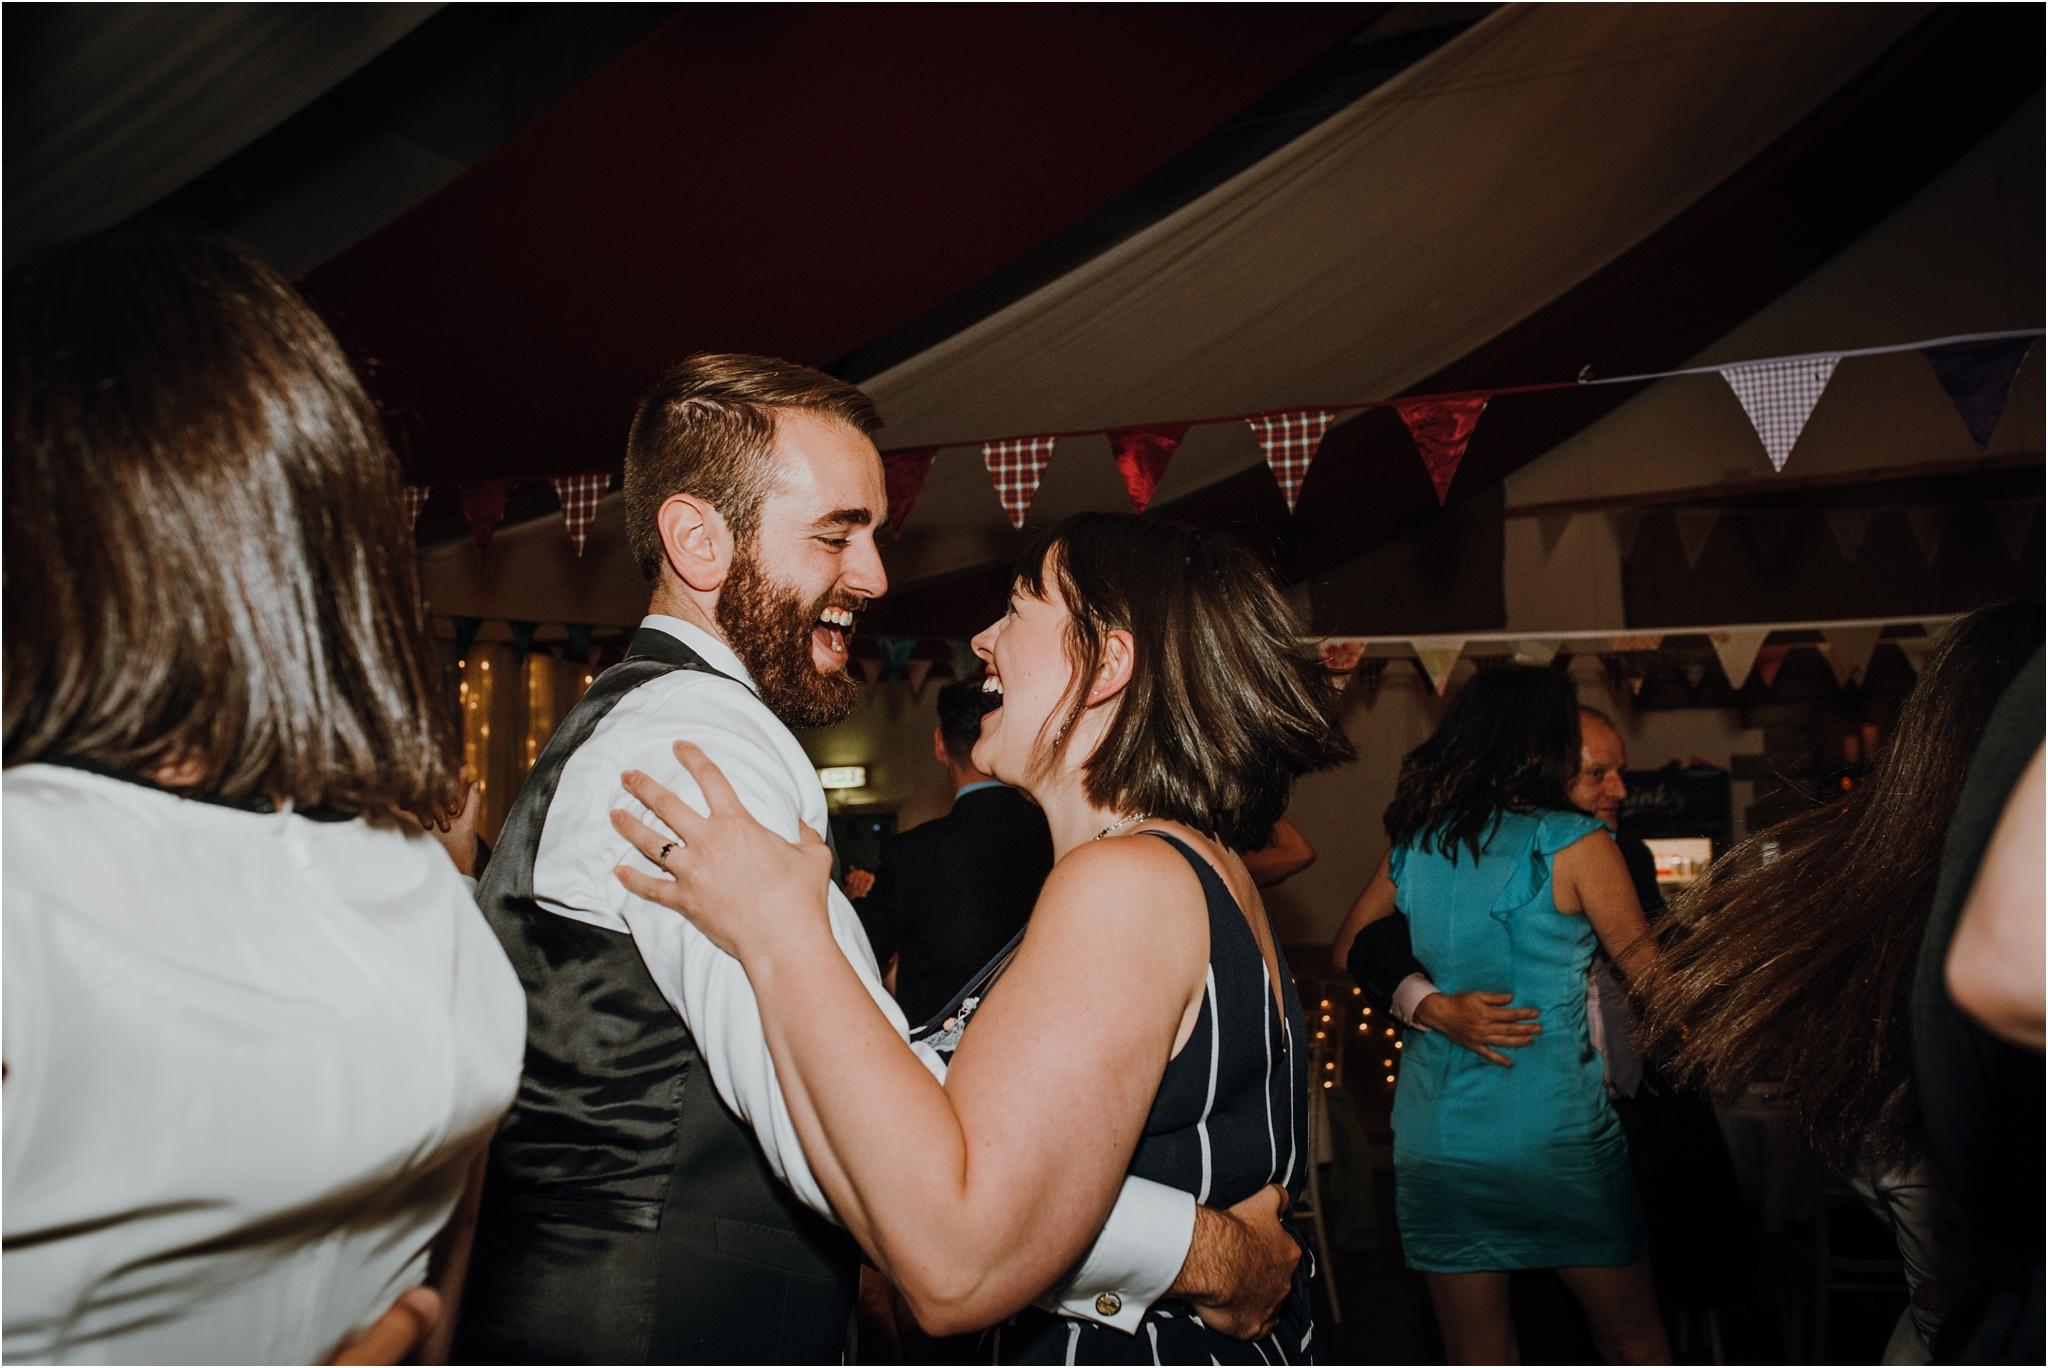 Edinburgh-barn-wedding-photographer_110.jpg